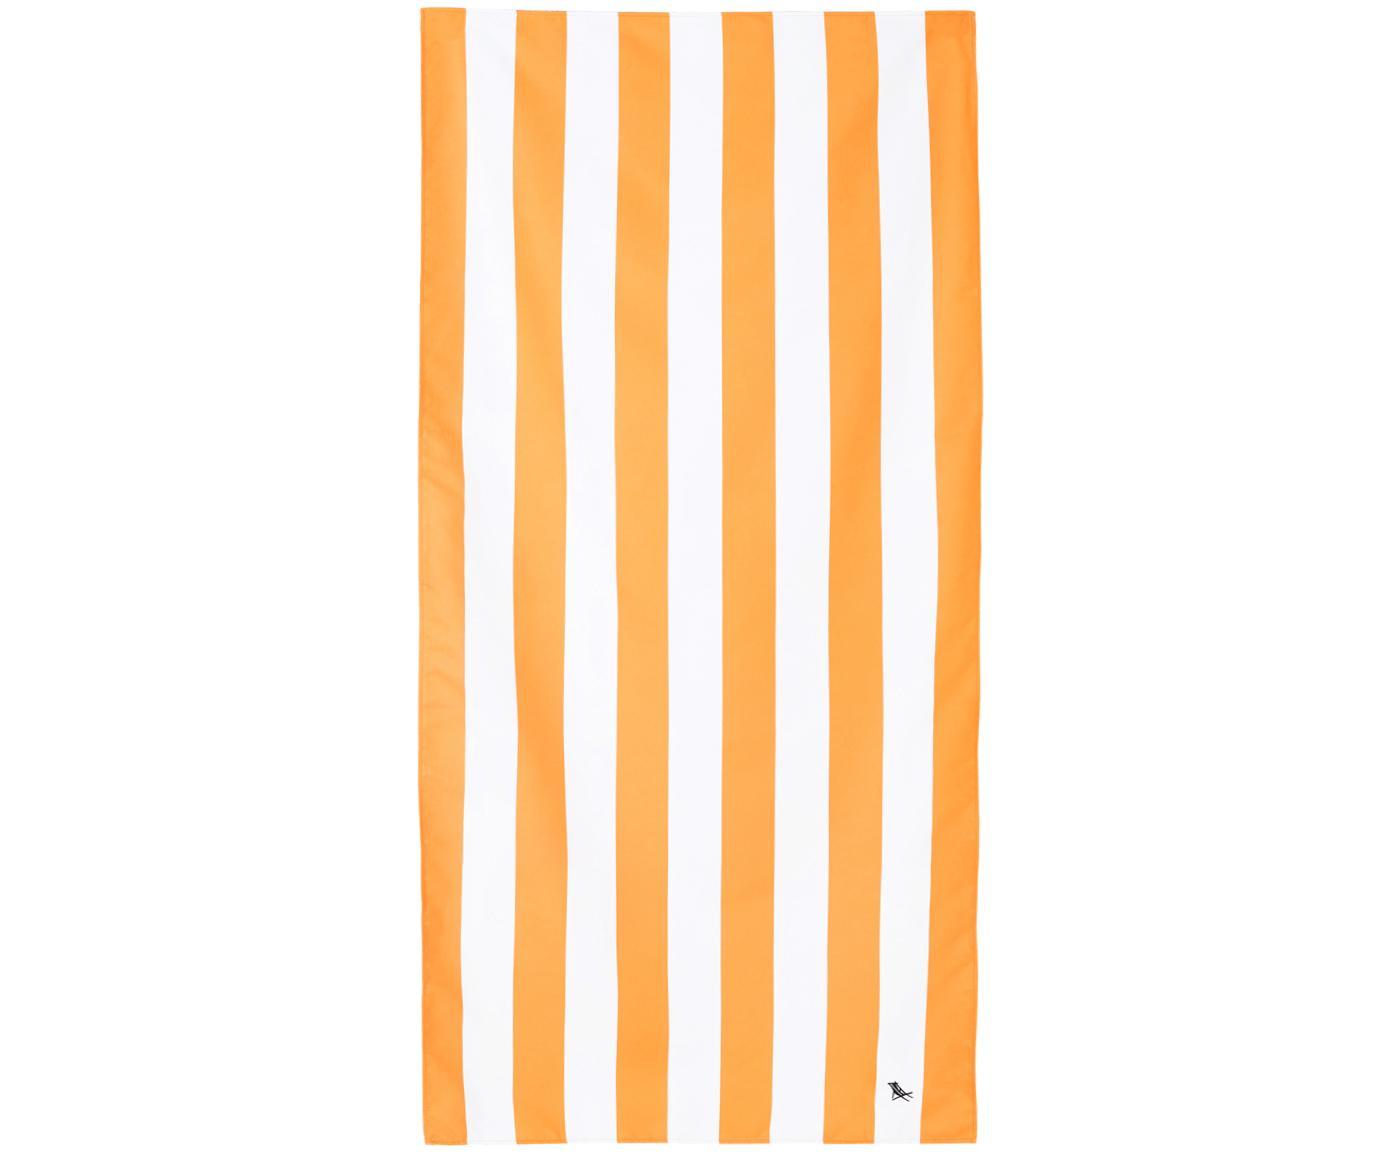 Microfaser-Strandtuch Cabana, schnell trocknend, Microfaser (80% Polyester, 20% Polyamid), Orange, Weiß, 90 x 200 cm